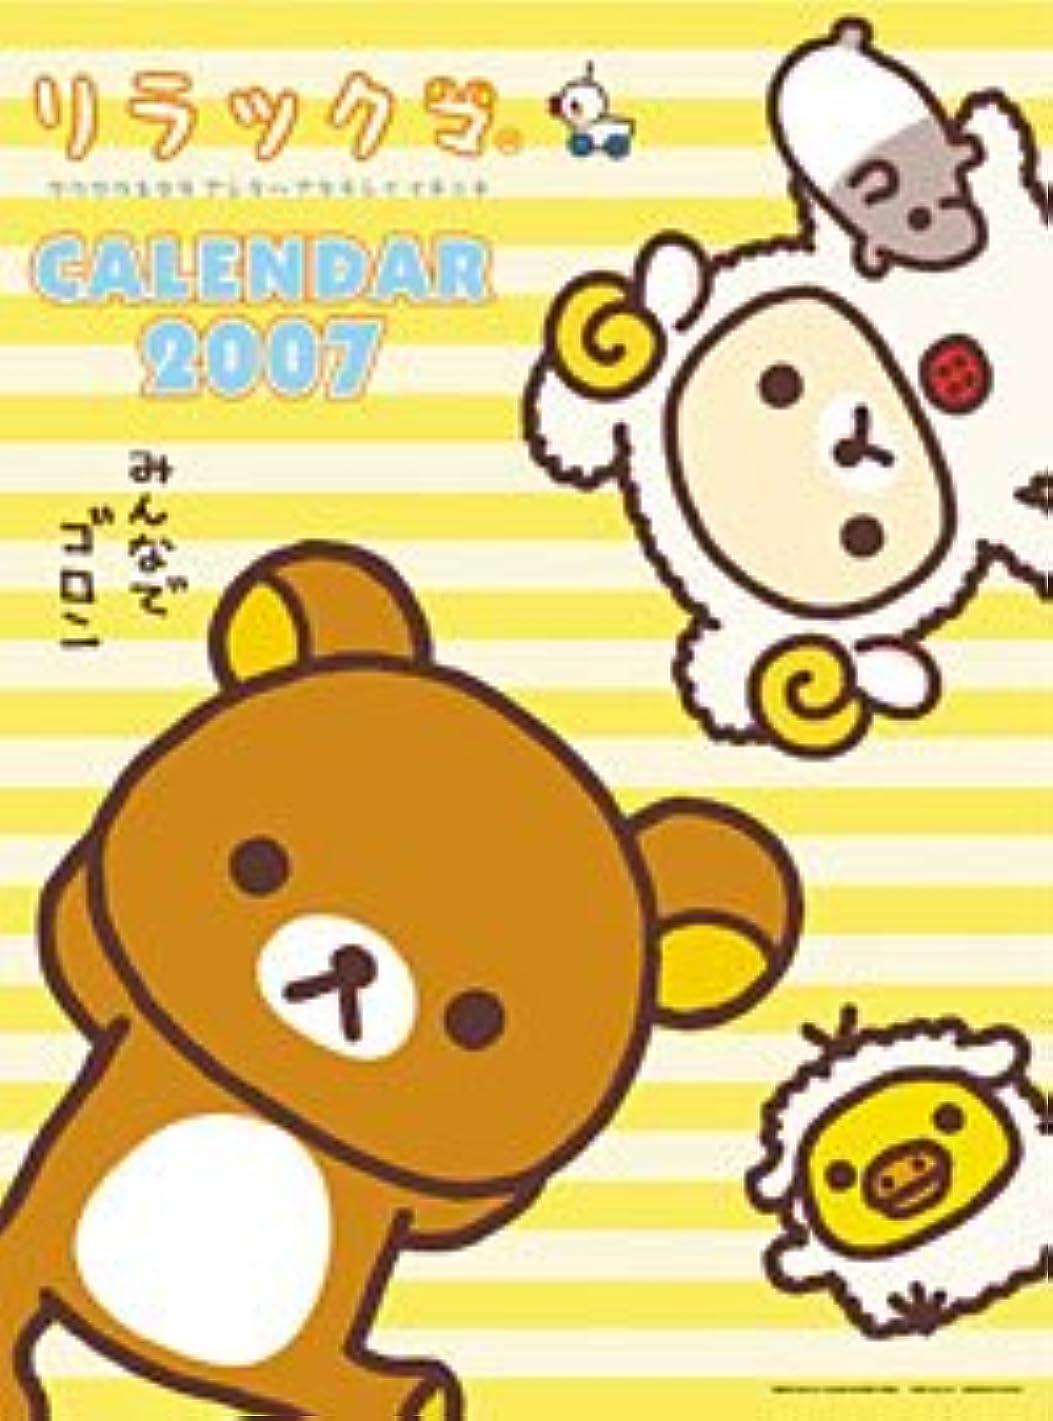 寄付負テストリラックマ 2007年 カレンダー